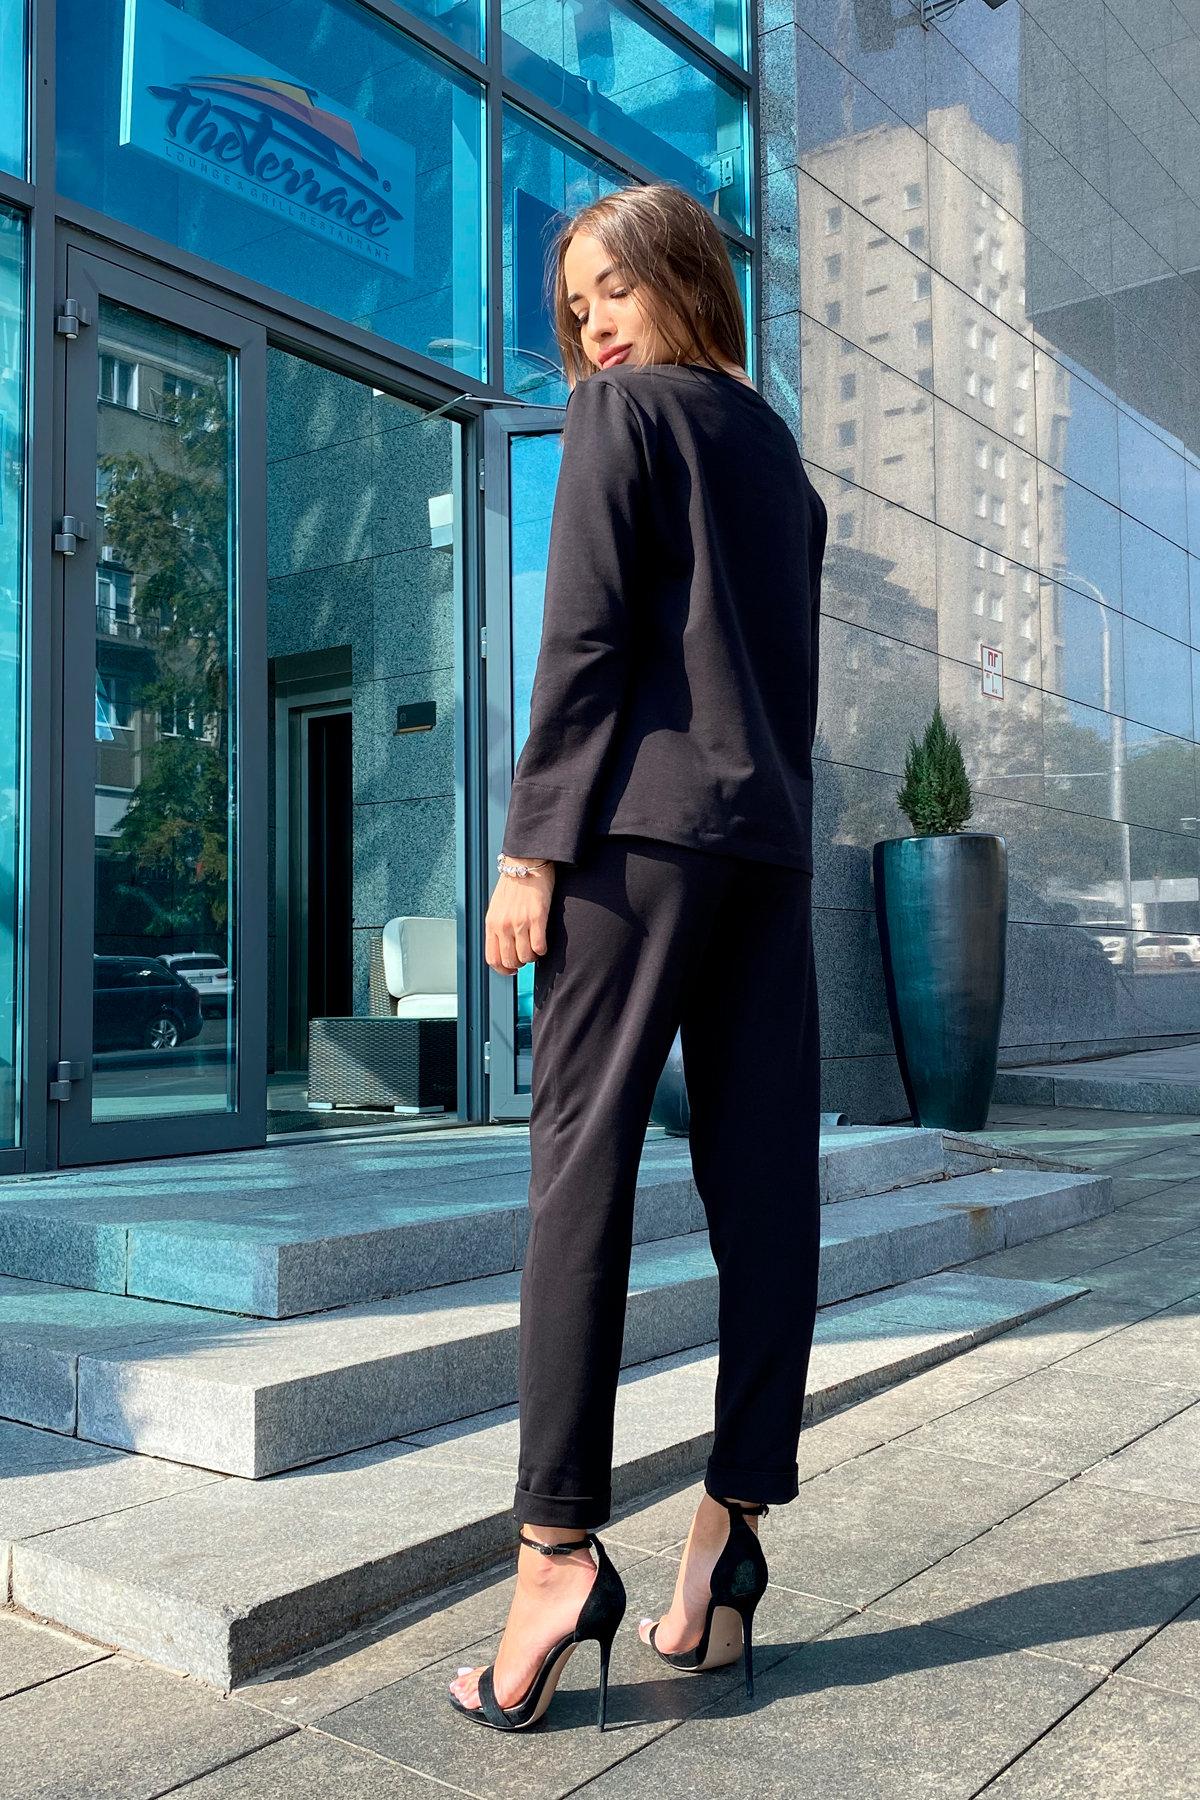 Мови  прогулочный костюм из трикотажа двунитка  9546 АРТ. 45889 Цвет: Черный - фото 2, интернет магазин tm-modus.ru